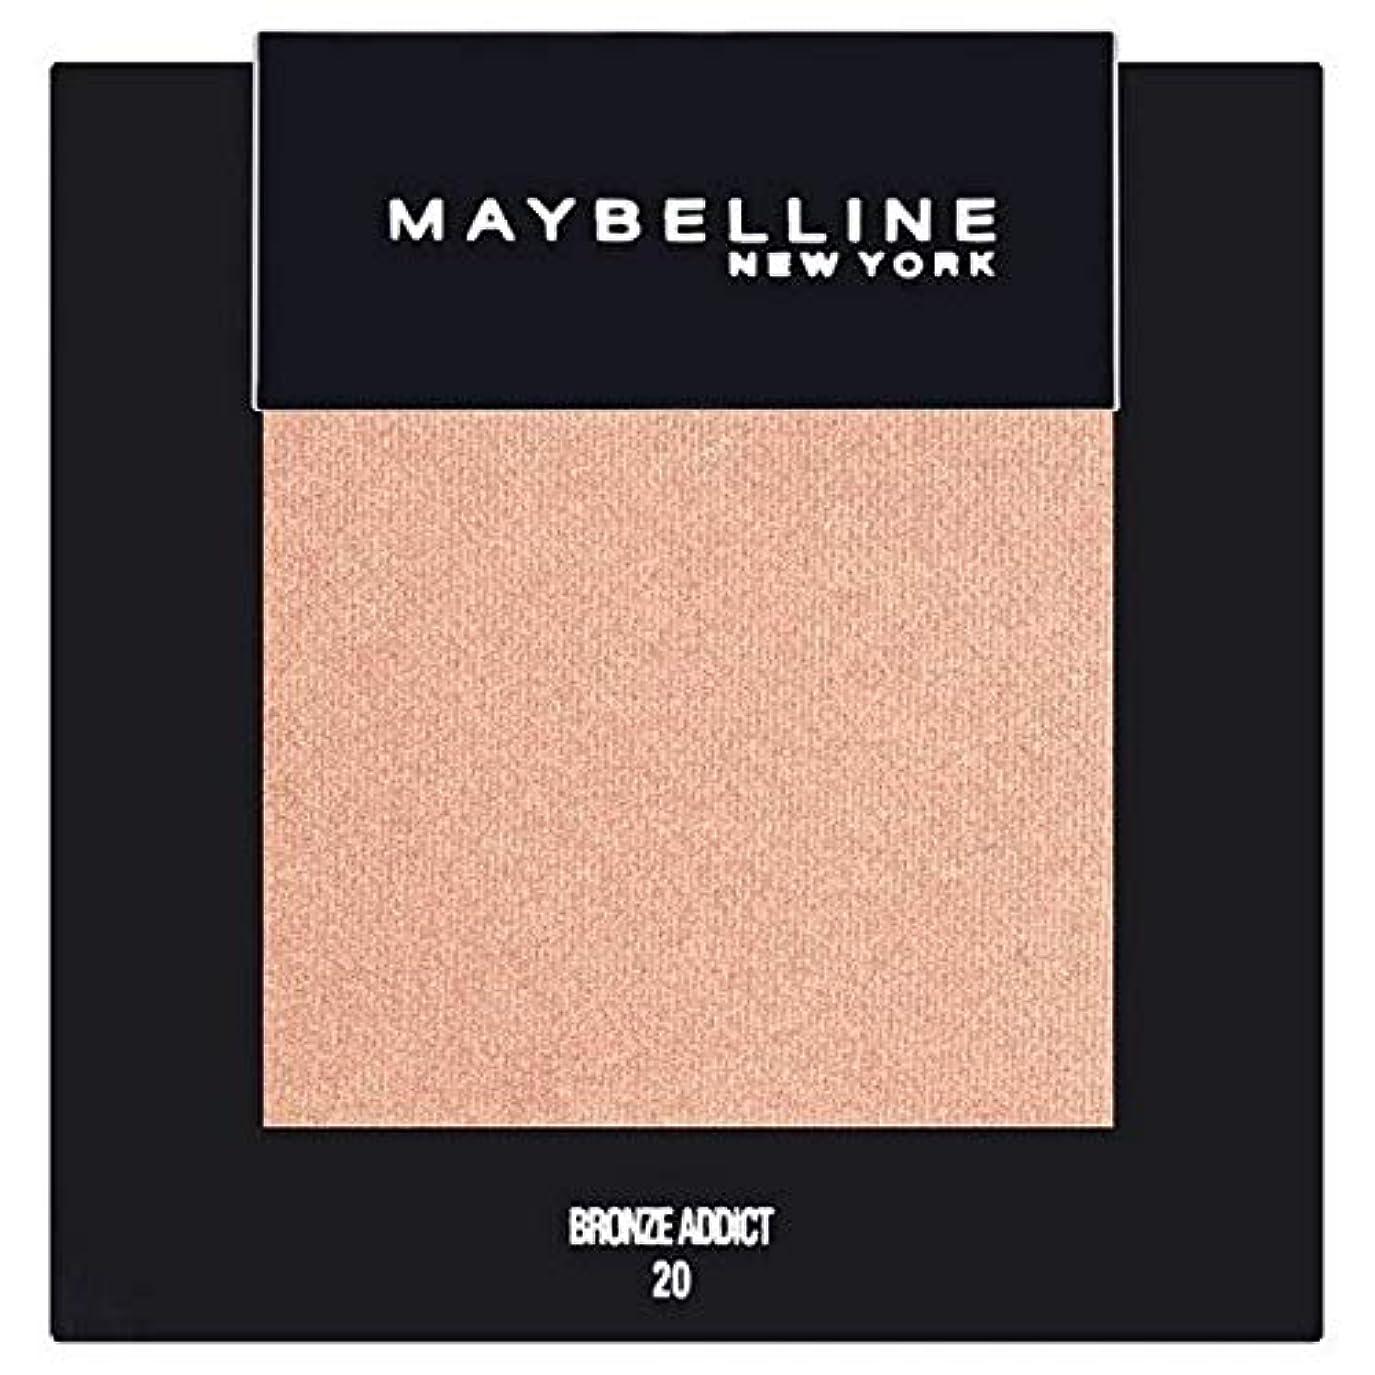 銀ファンブルミル[Maybelline ] メイベリンカラーショーシングルアイシャドウ20ブロンズ - Maybelline Color Show Single Eyeshadow 20 Bronze [並行輸入品]